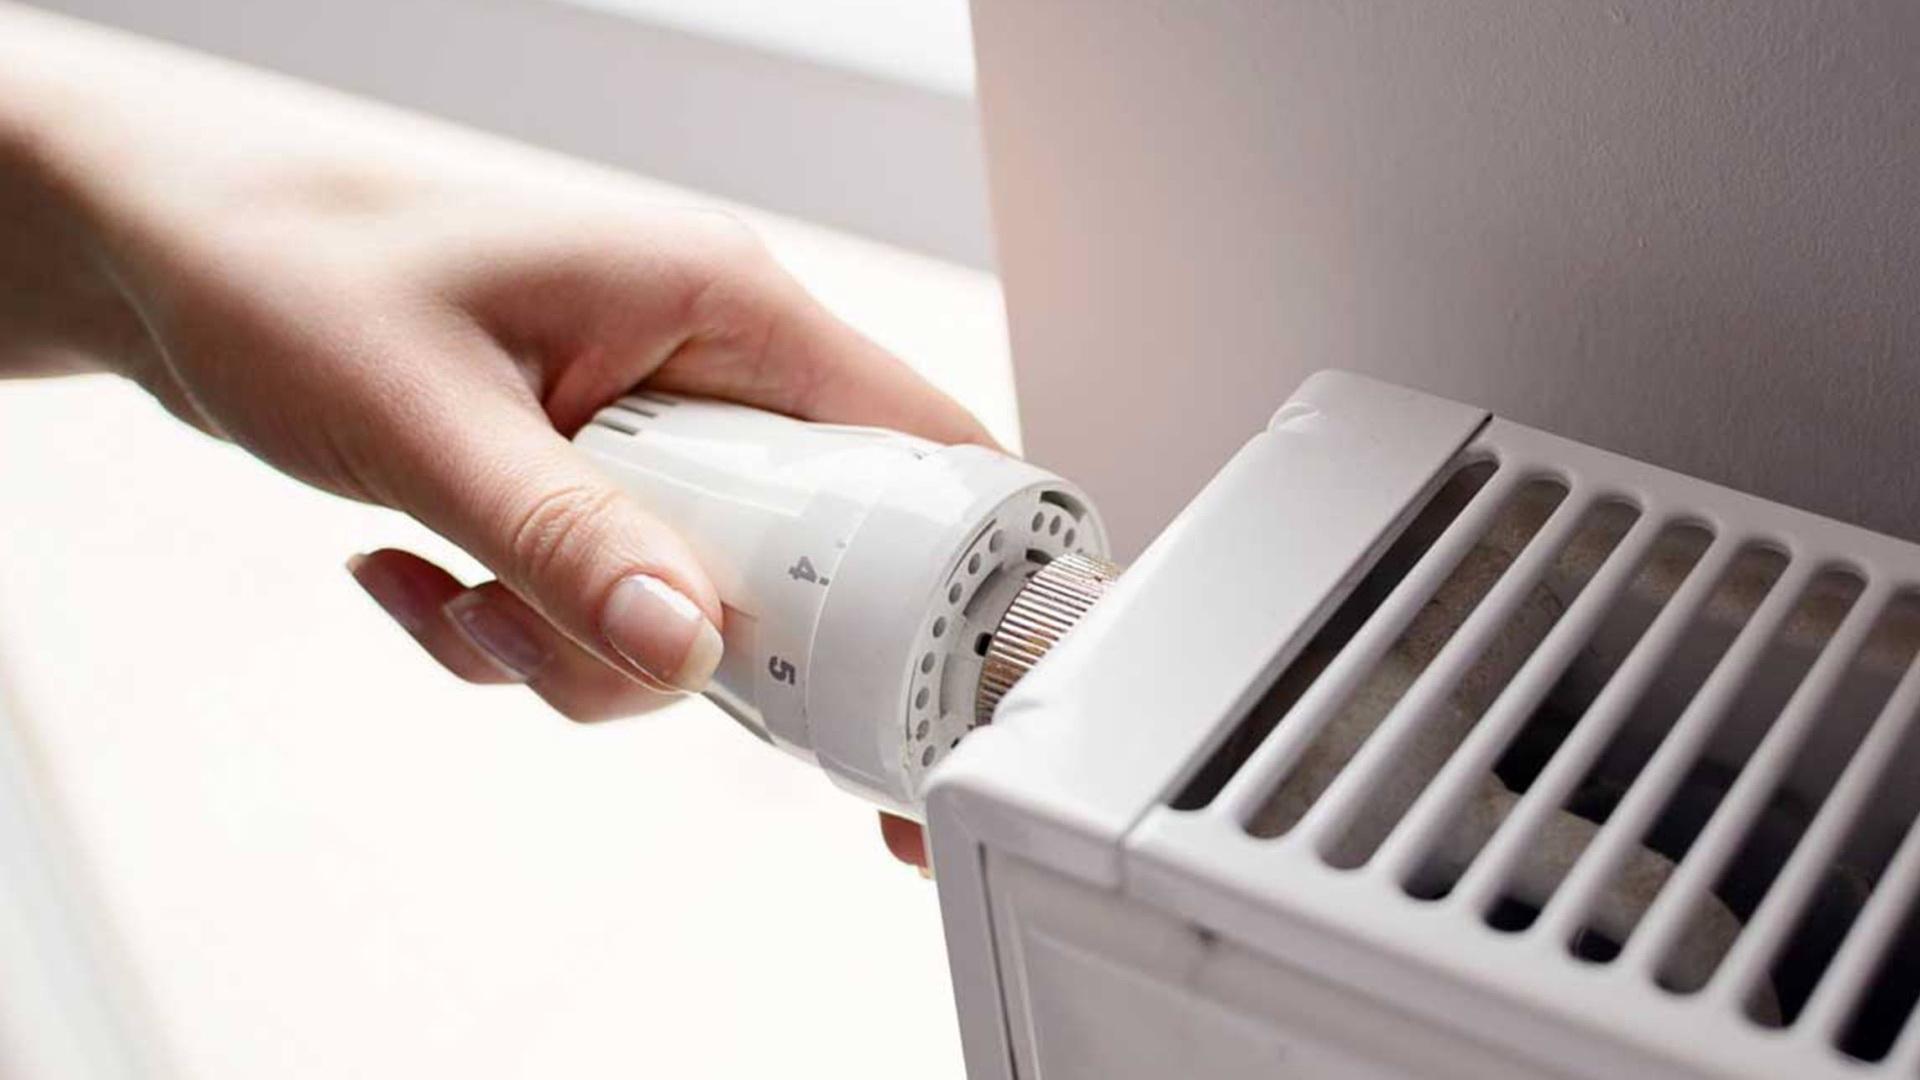 O mână care reglează un calorifer.